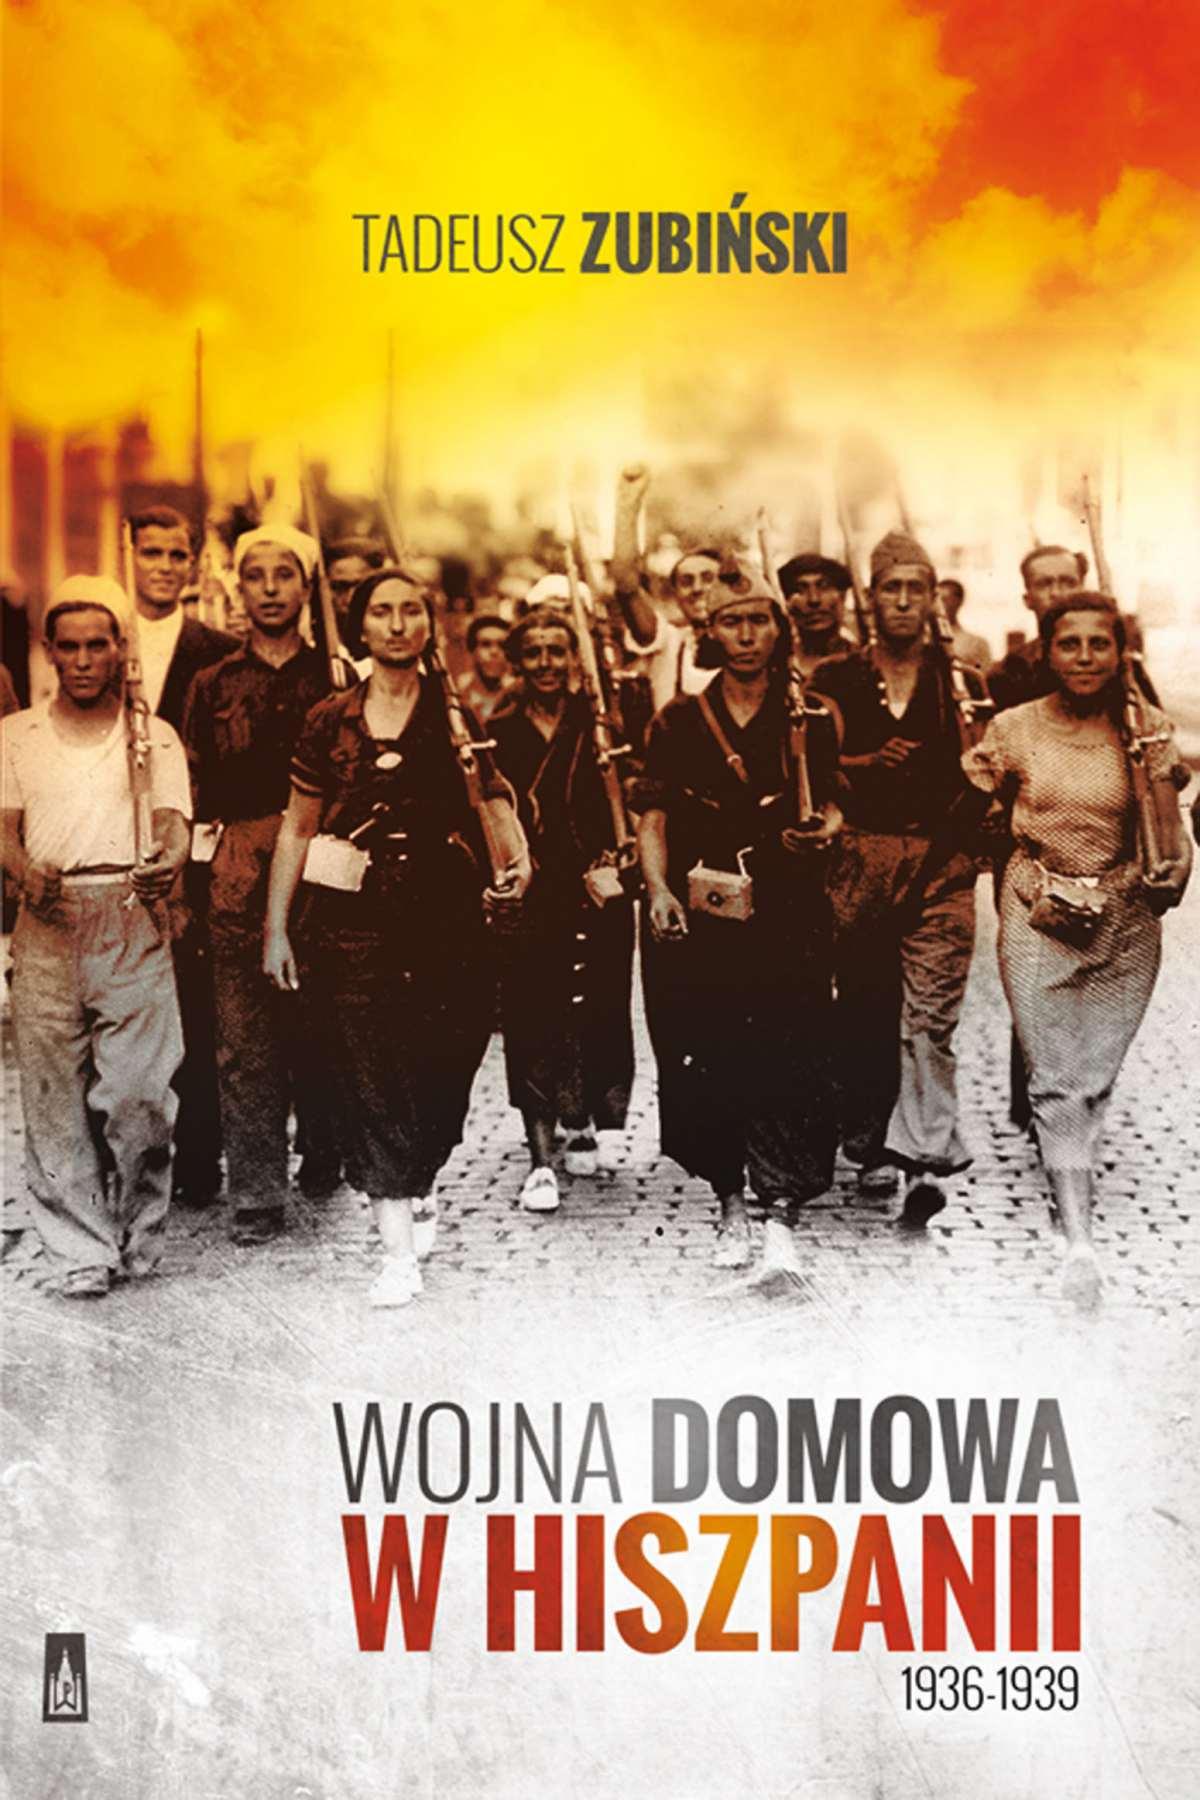 Wojna domowa w Hiszpanii 1936-1939 - Ebook (Książka EPUB) do pobrania w formacie EPUB